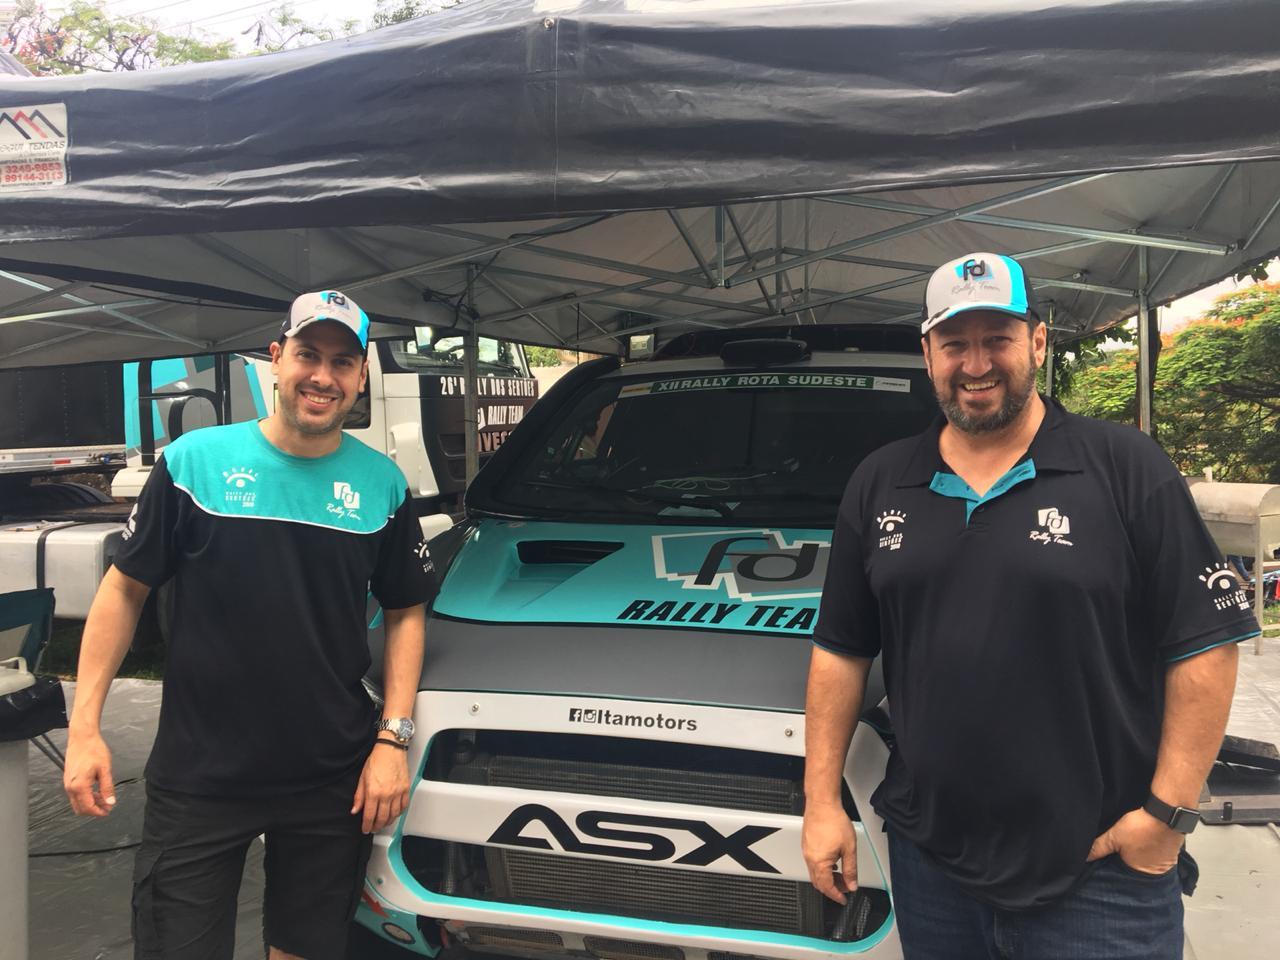 Rally Rota Sudeste: Na estreia do novo carro, Fontoura e Gugelmin fecham em 2º na geral